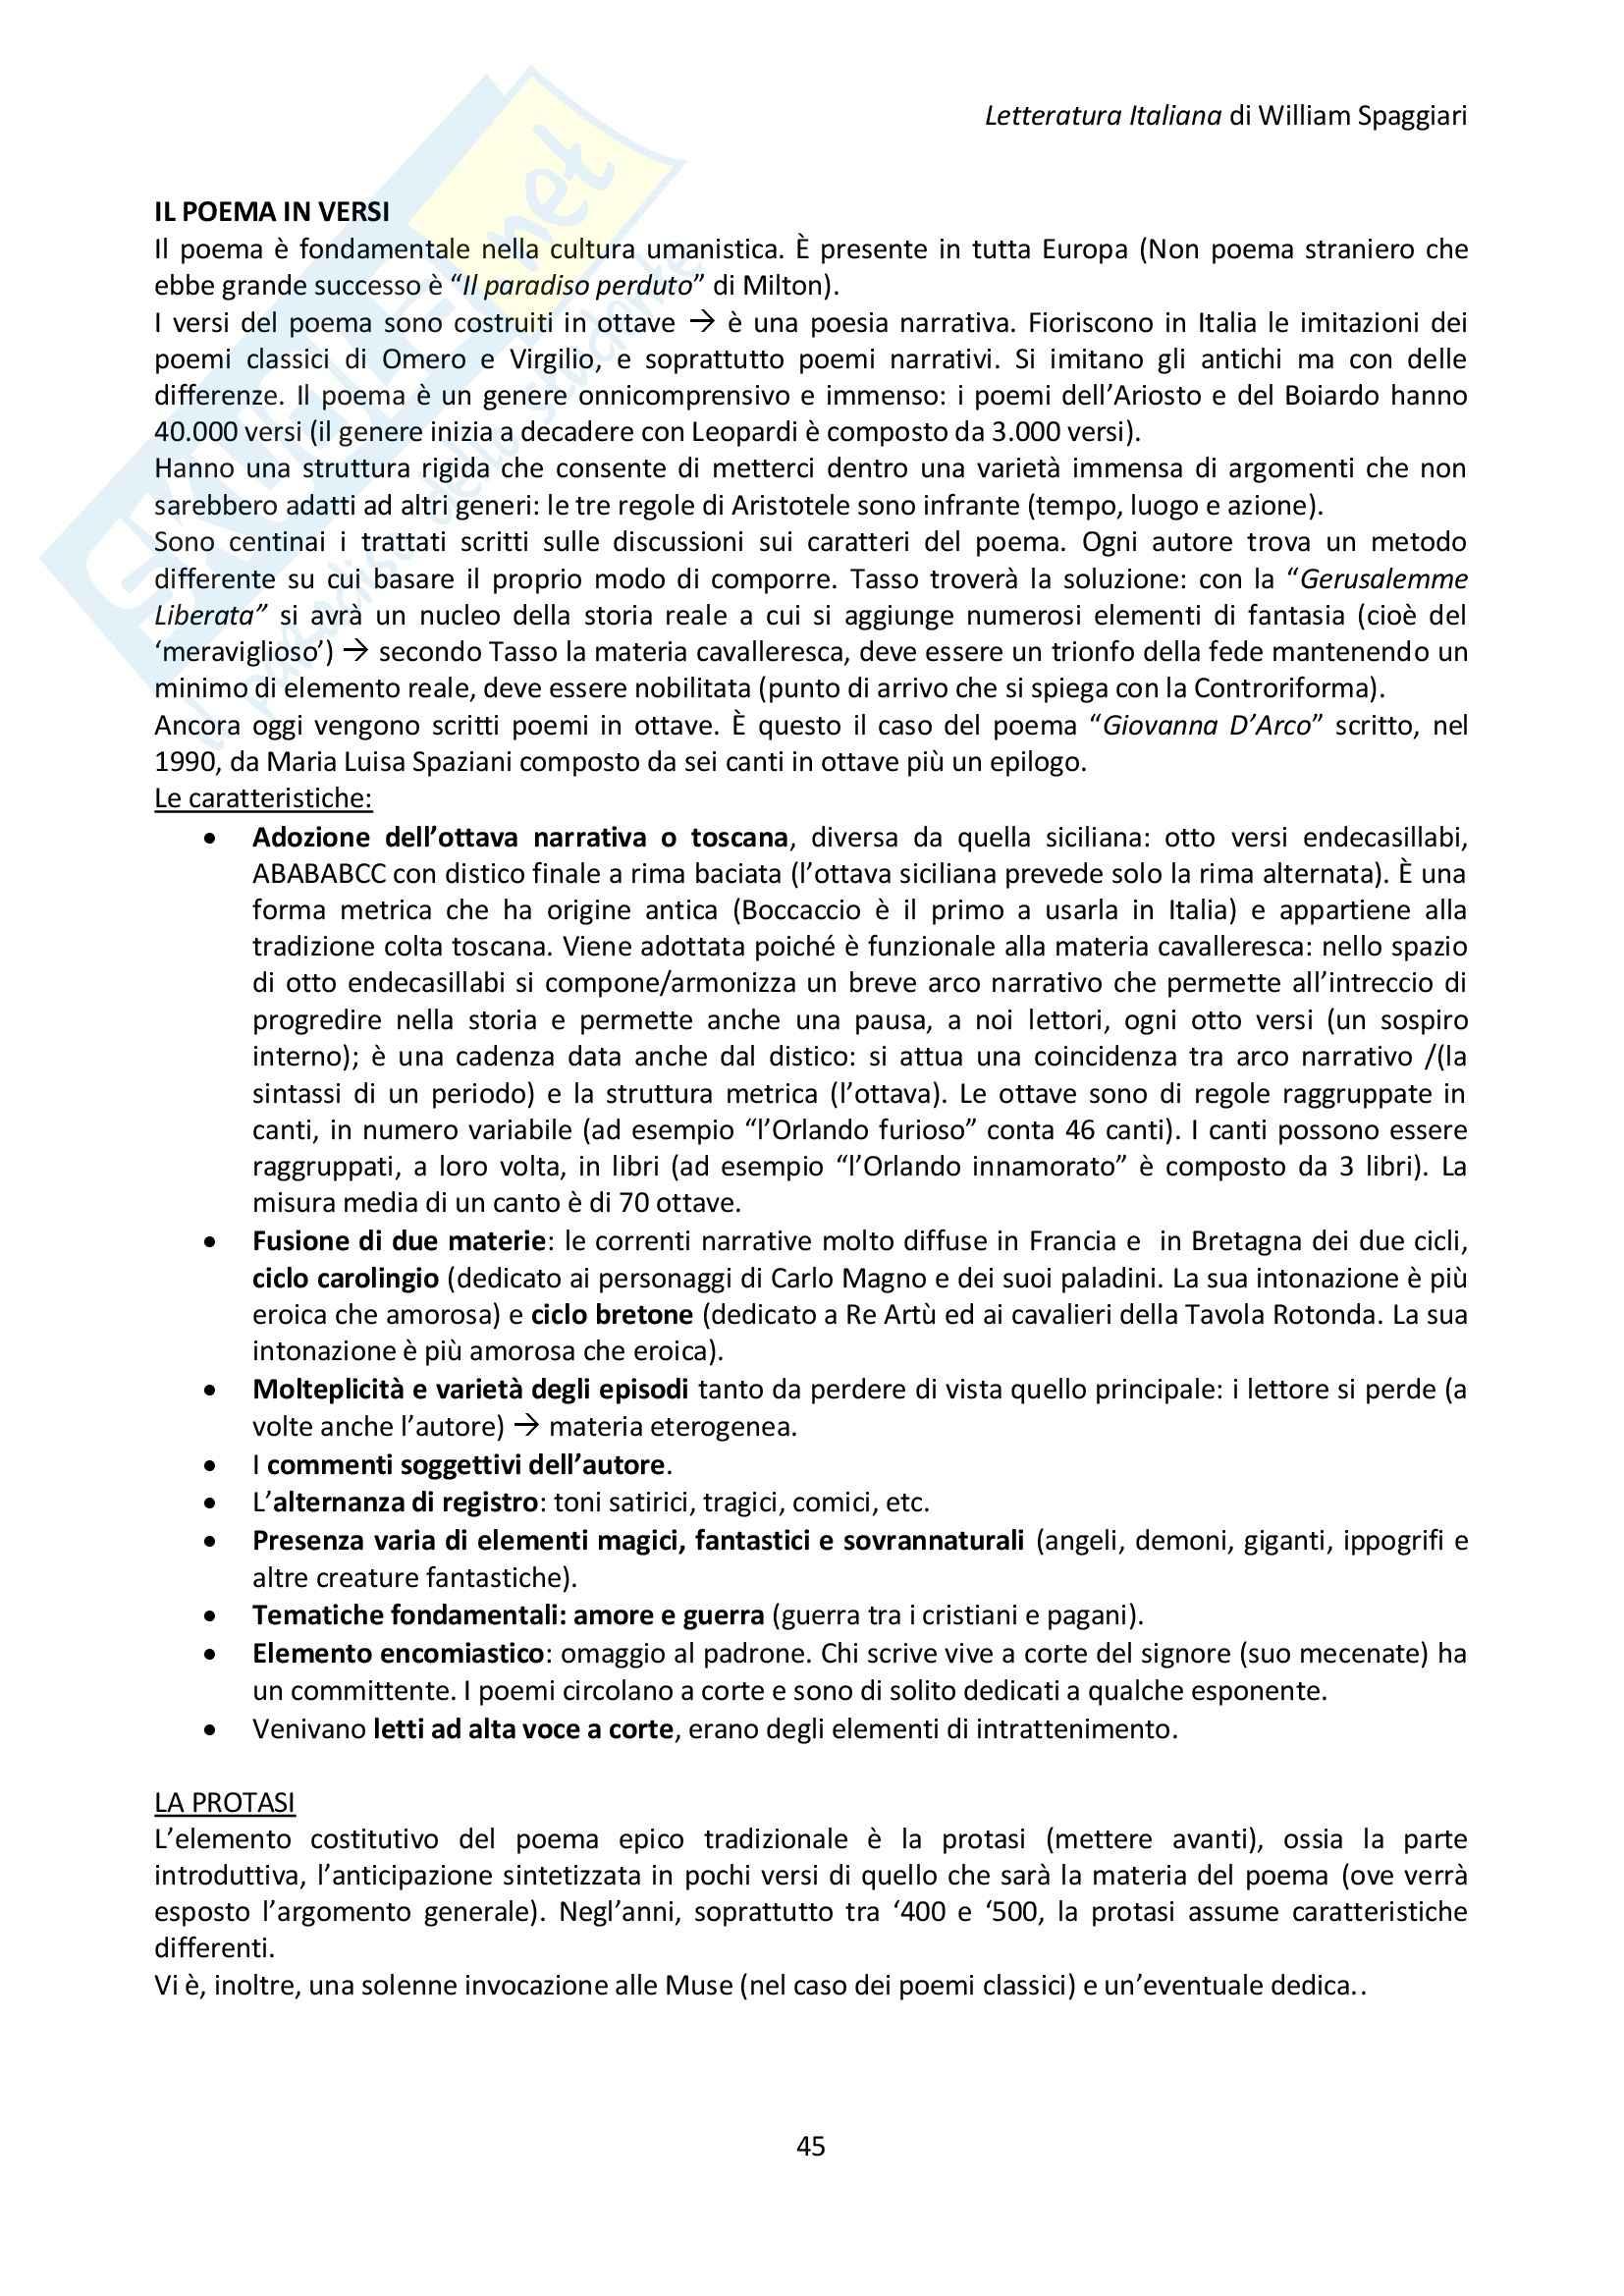 300-500: Appunti di Letteratura Italiana Pag. 46